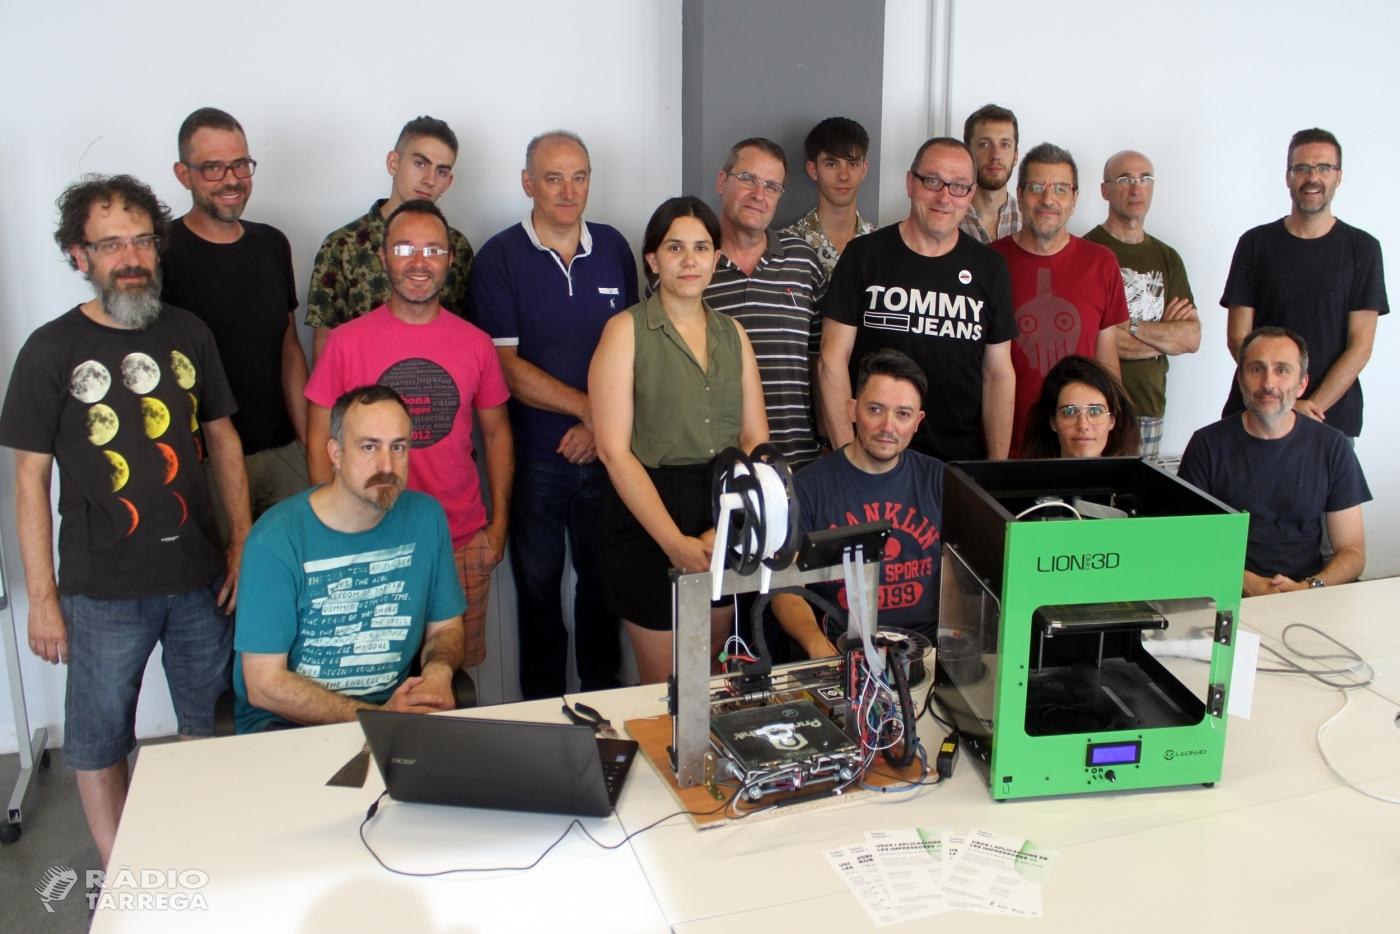 Nou espai d'aprenentatge i coneixement a Cal Trepat de Tàrrega sobre les innovacions tecnològiques que transformen la societat